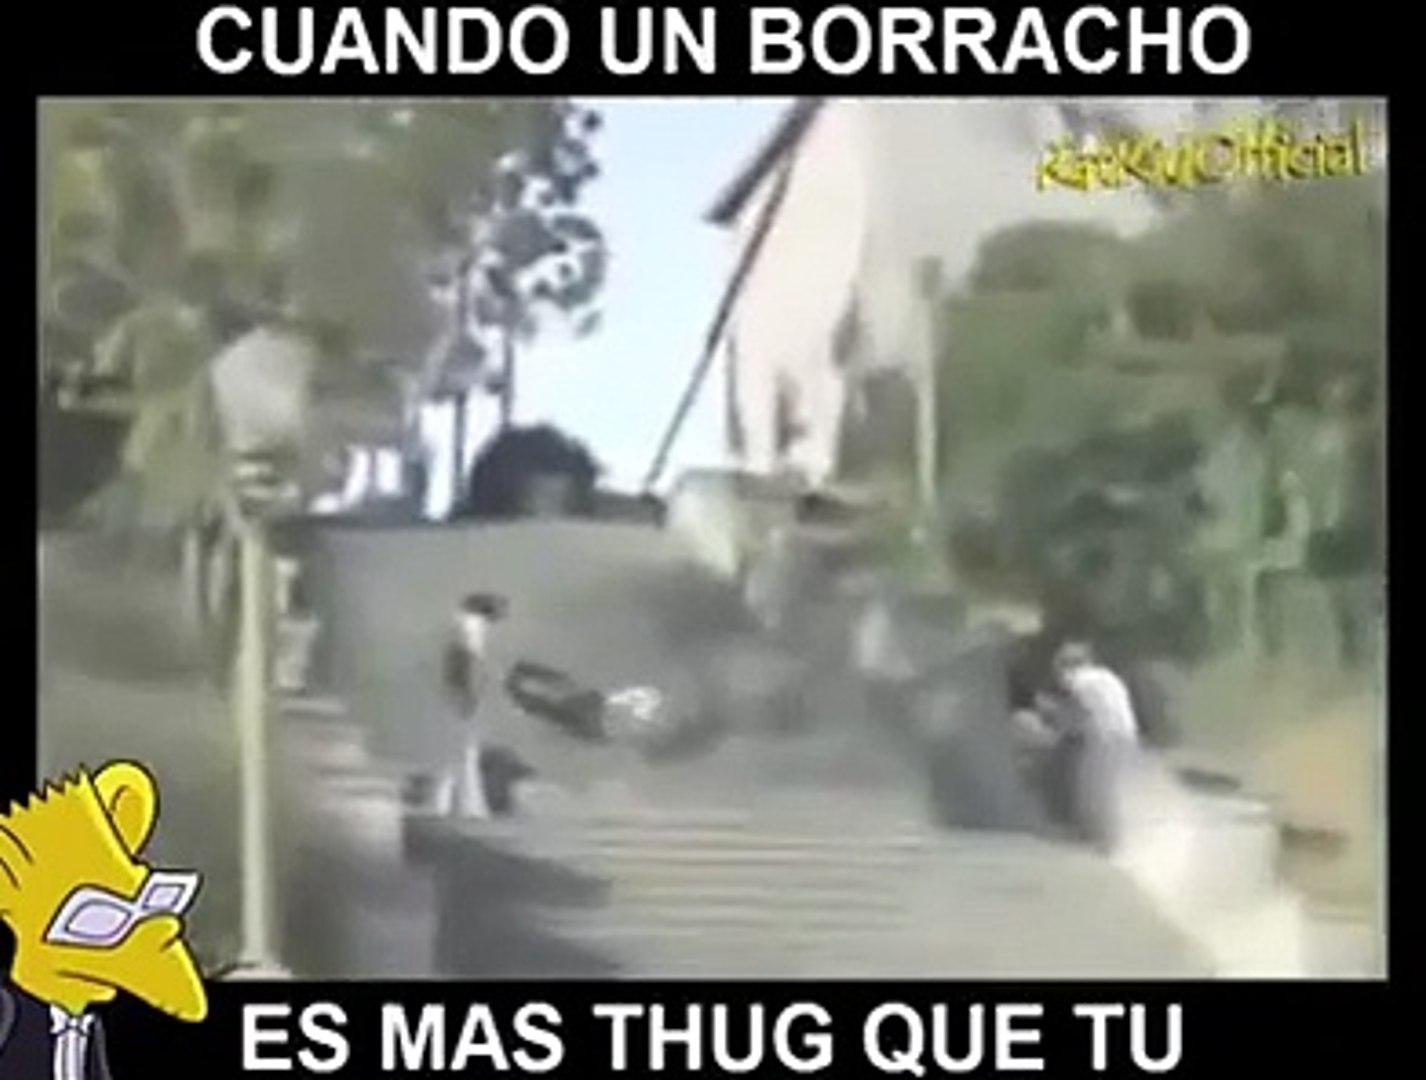 THUG LIFE - CUANDO UN BORRACHO ES MAS THUG QUE TU